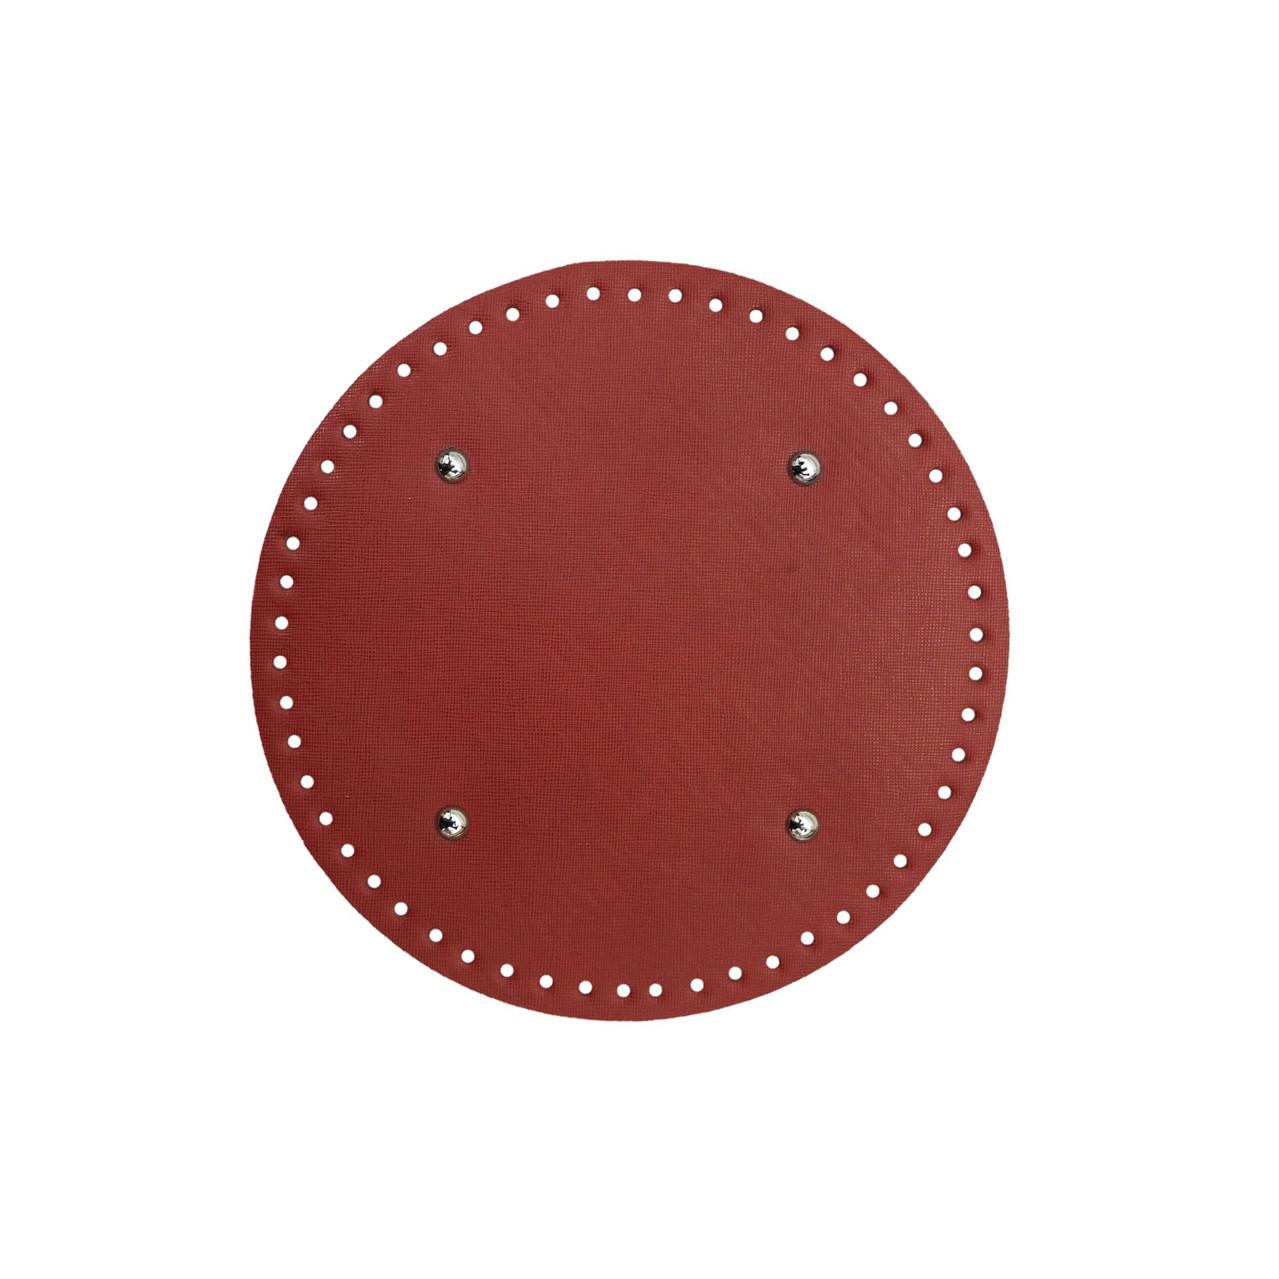 Донышко круглое для сумки экокожа Красное Ø 25 см с ножками